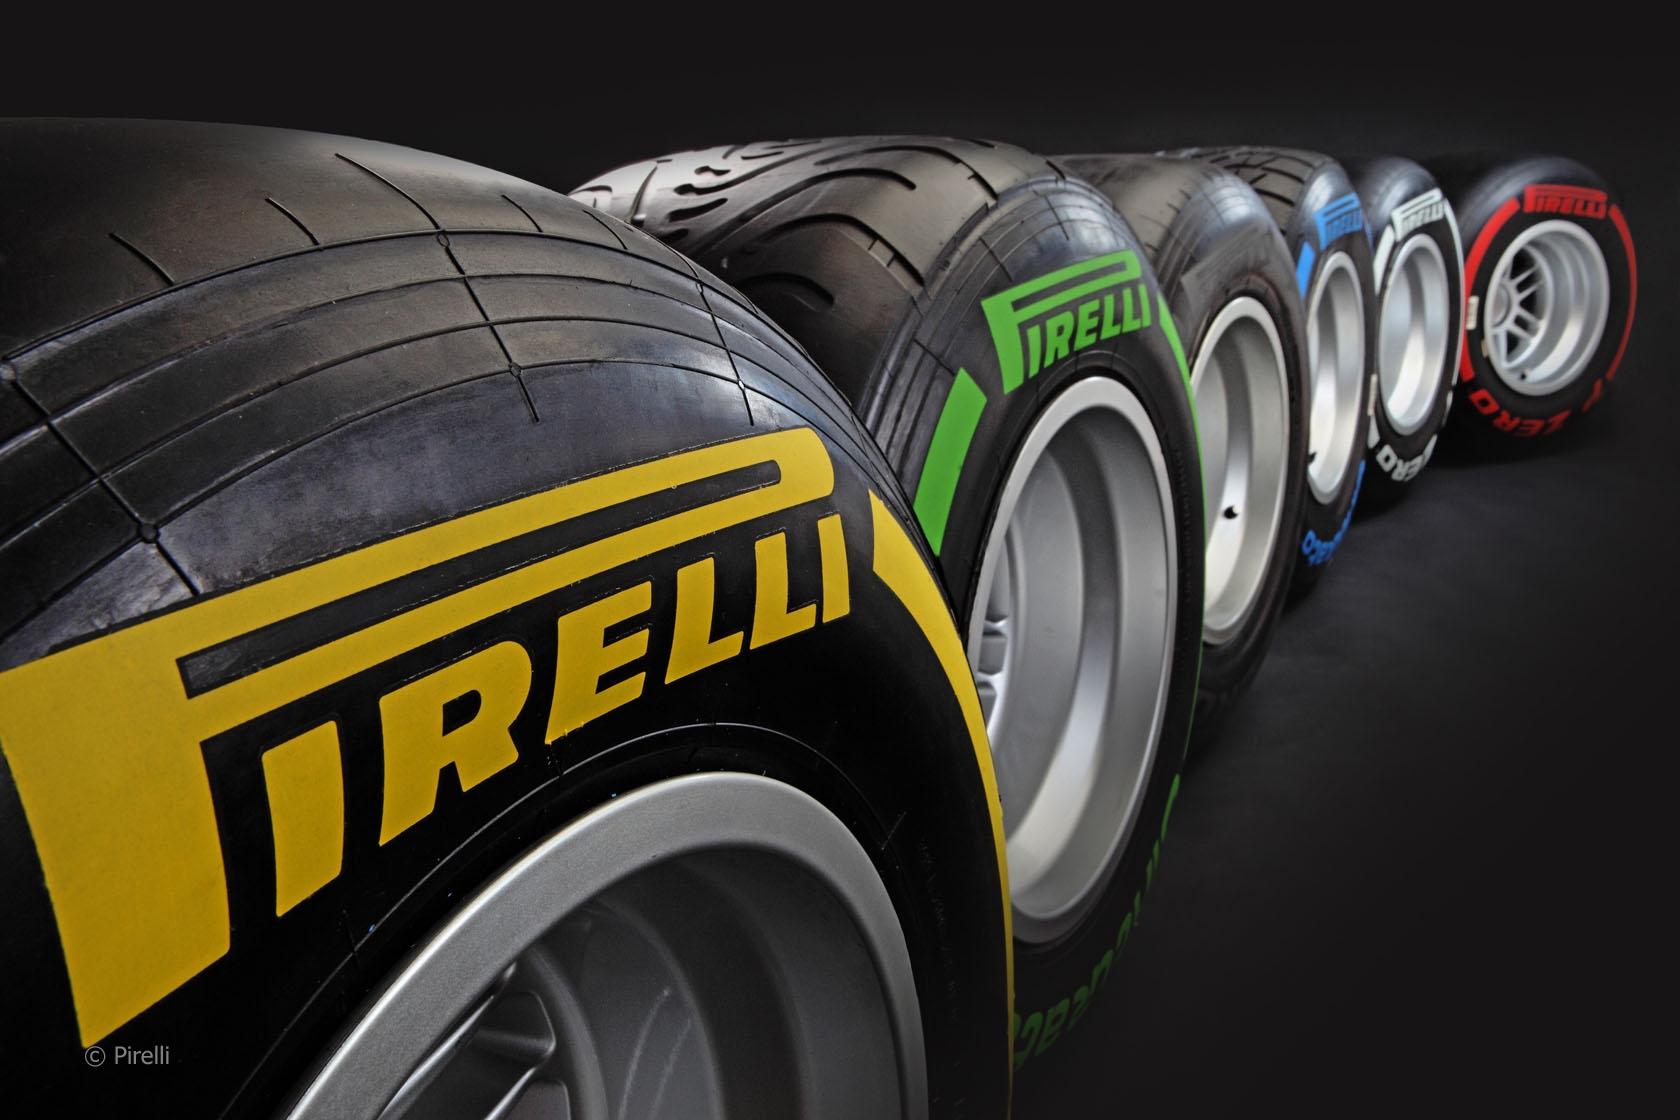 Инновация от Pirelli - внутренняя печать